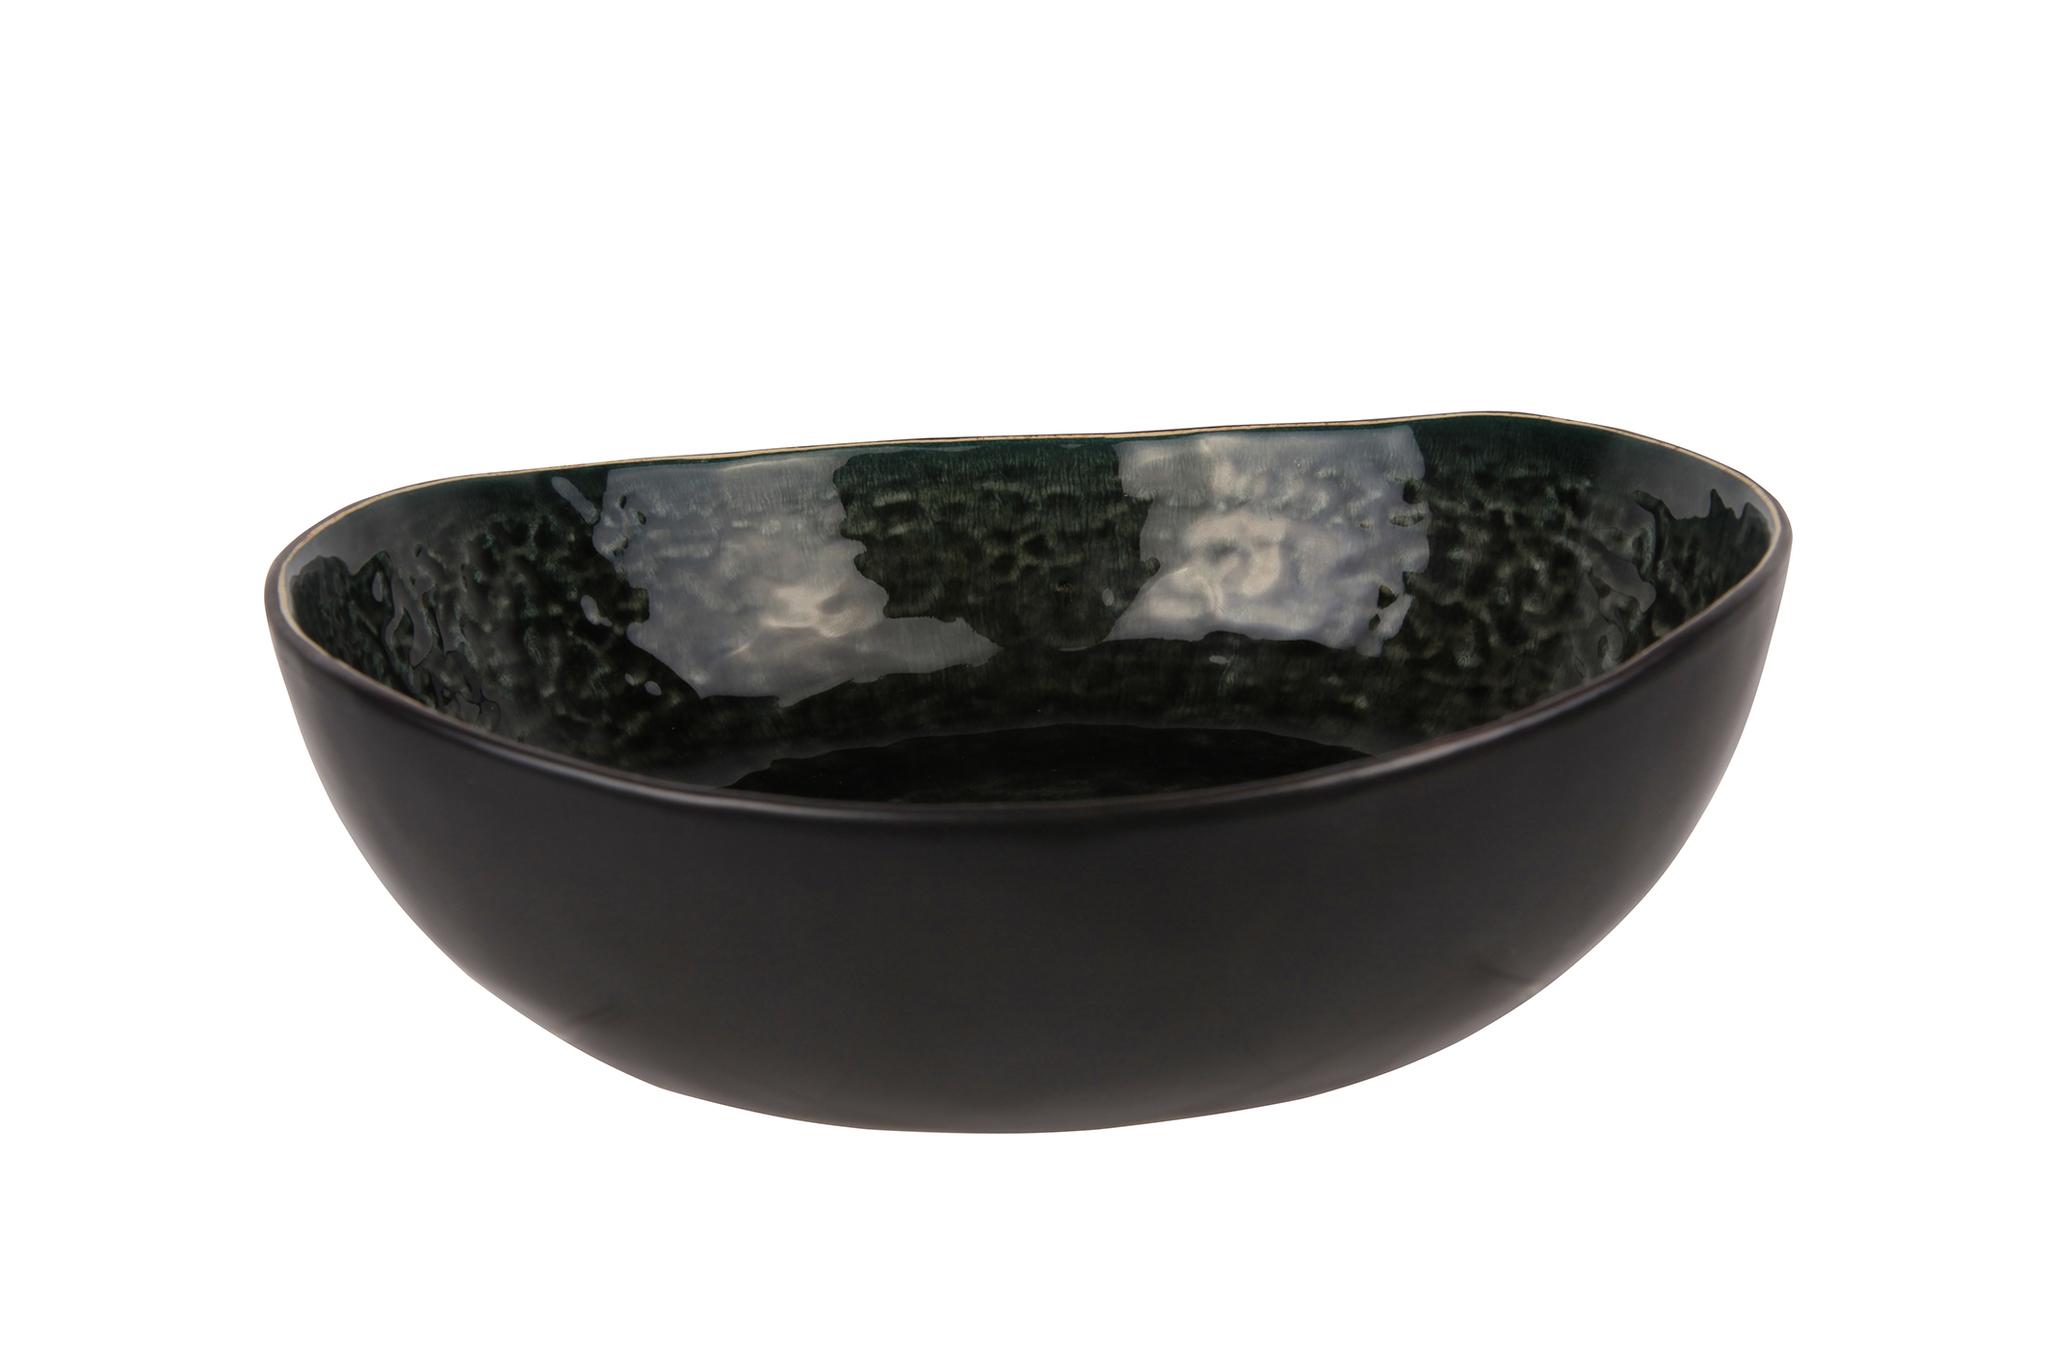 Миска 19х17,5х6 см COSY&amp;TRENDY Laguna verde 6970952Новинки<br>Миска 19х17,5х6 см COSY&amp;TRENDY Laguna verde 6970952<br><br>Эта коллекция из каменной керамики поражает удивительным цветом, текстурой и формой. Насыщенный темно-серый оттенок с волнистым рельефом погружают в прибрежную лагуну. Органические края для дополнительного дизайна. Коллекция Laguna Verde воссоздает исключительный внешний вид приготовленных блюд.<br>